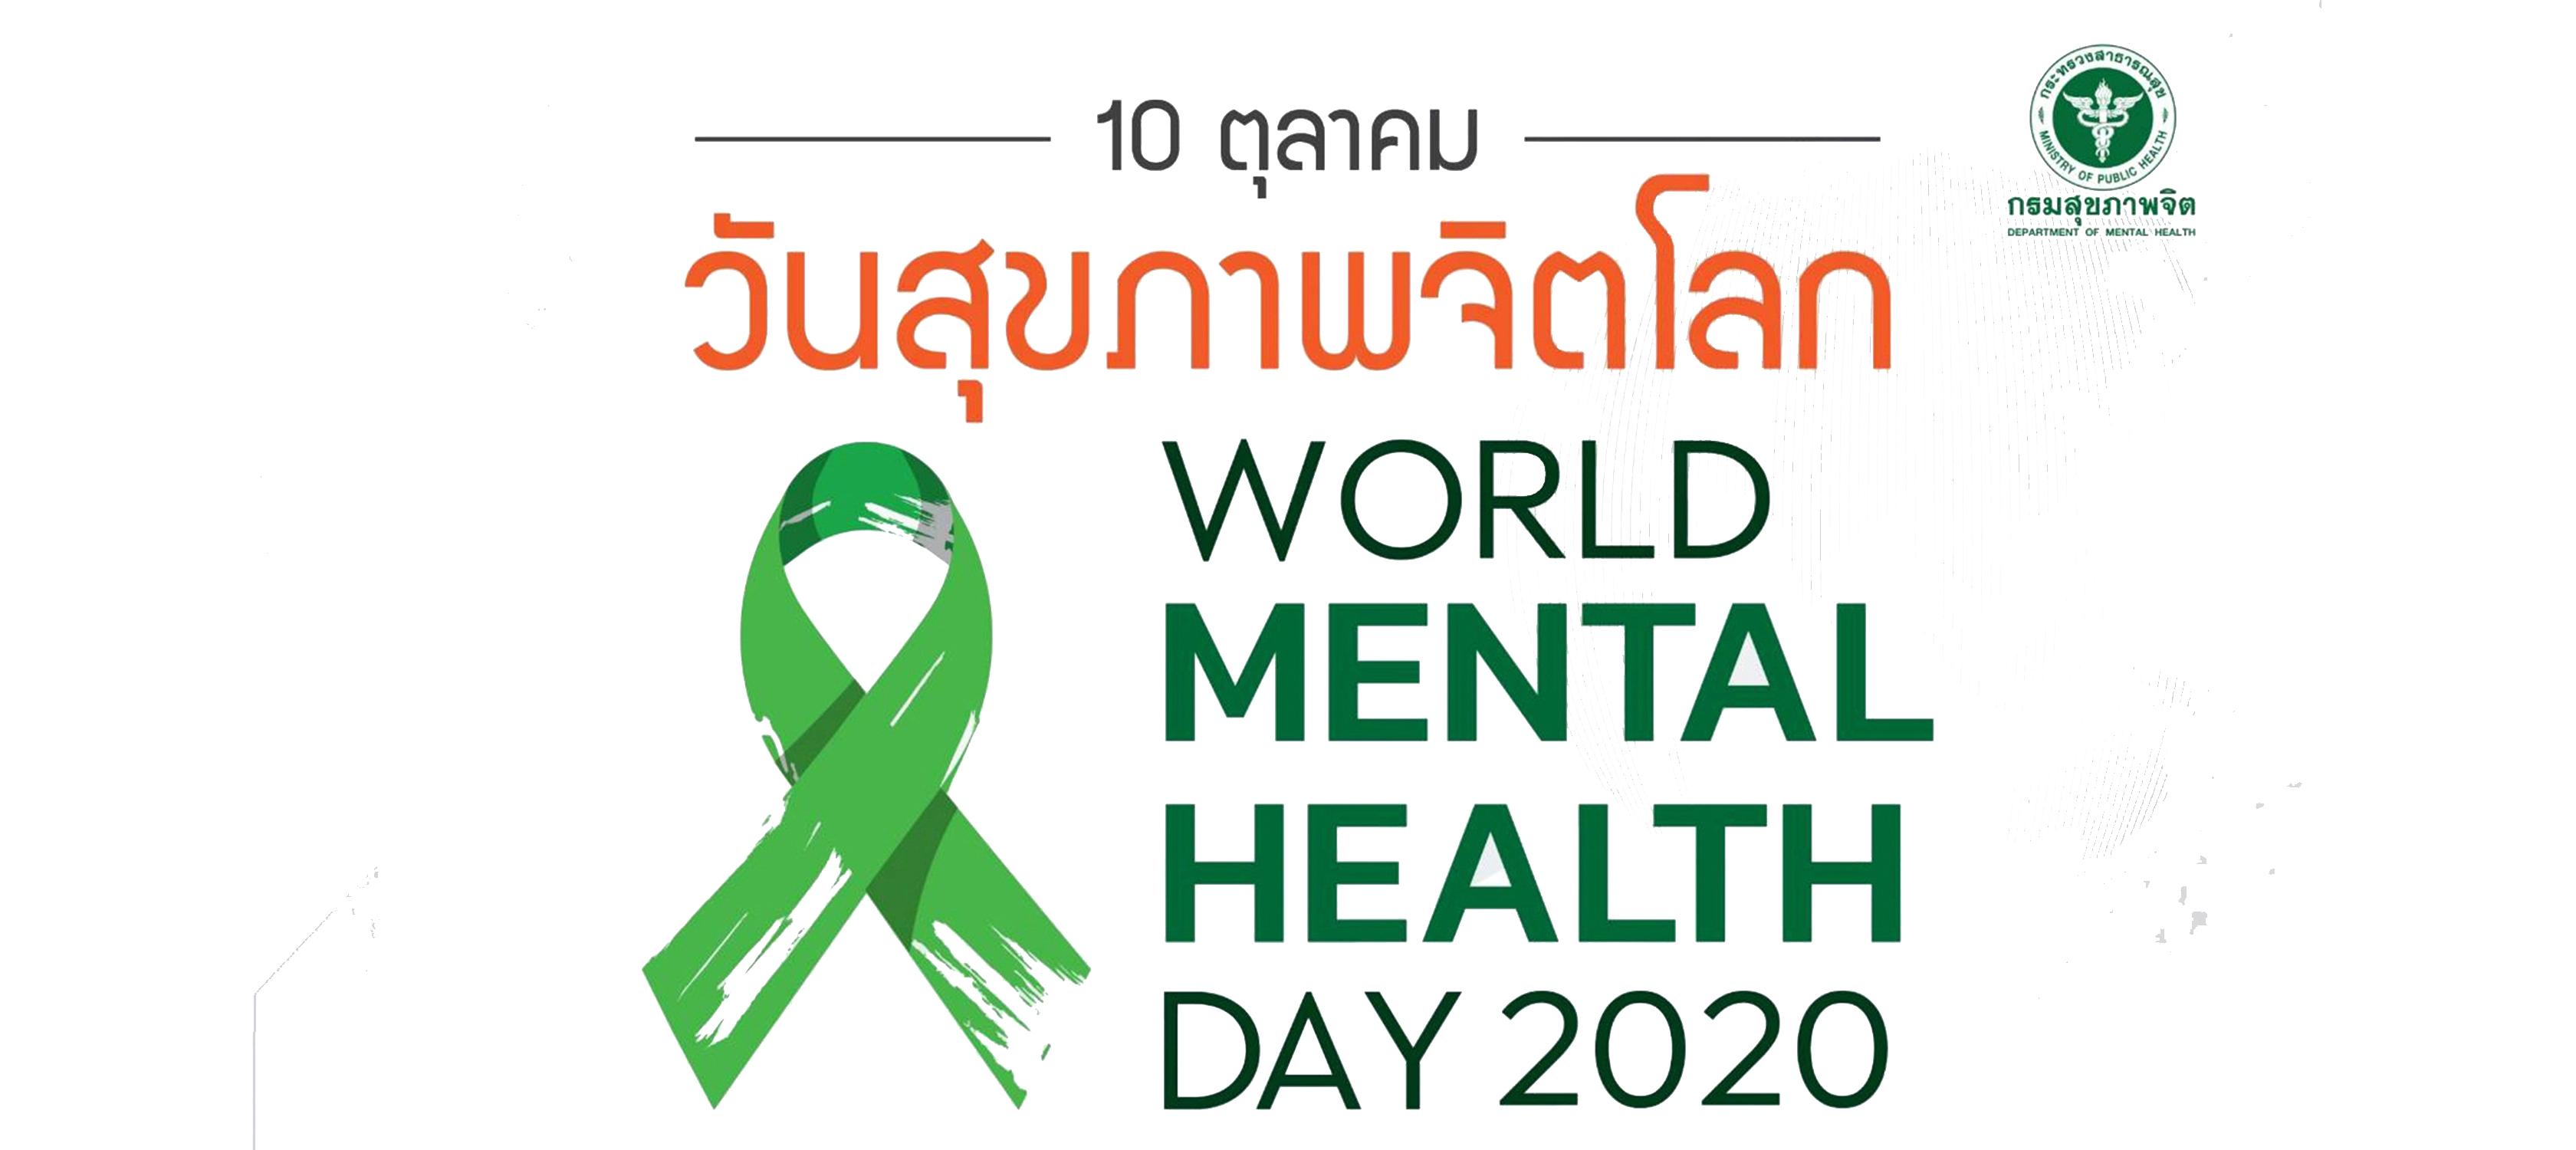 10 ตุลาคม วันสุขภาพจิตโลก